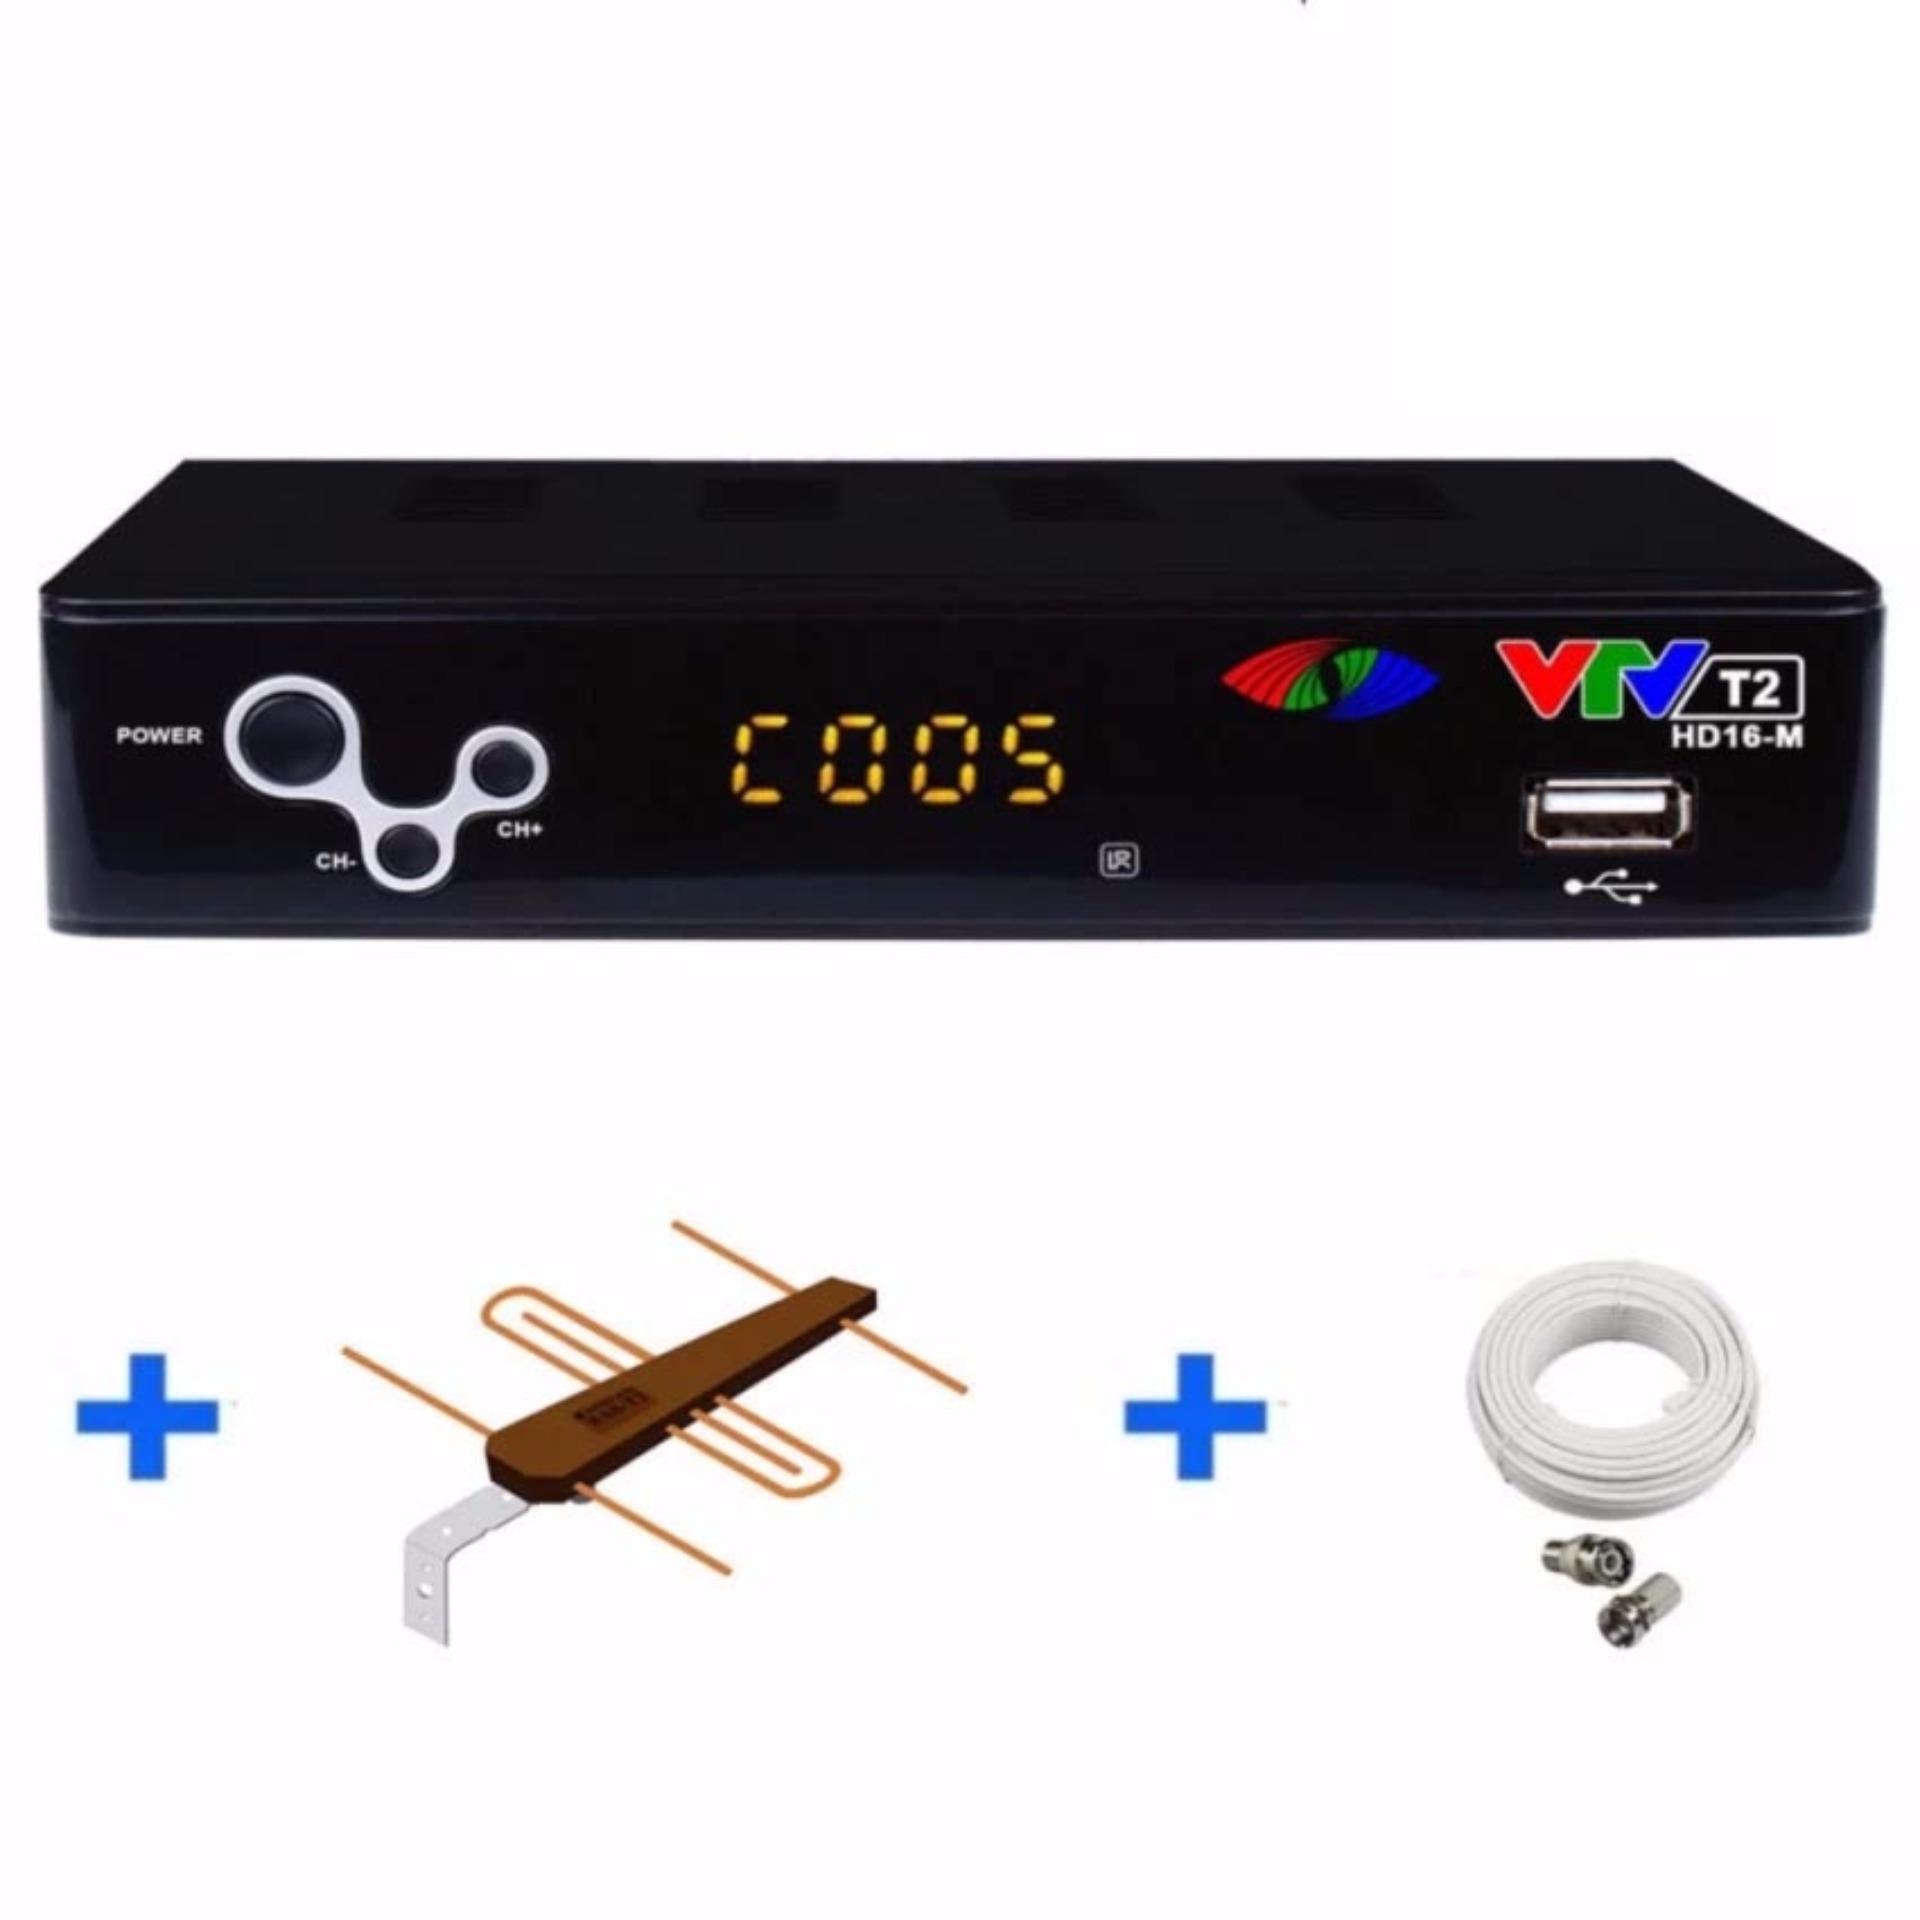 Đầu thu DVB T2 16M của VTV (đen) + Dây HDMI + An-ten + 10m cáp đồng trục